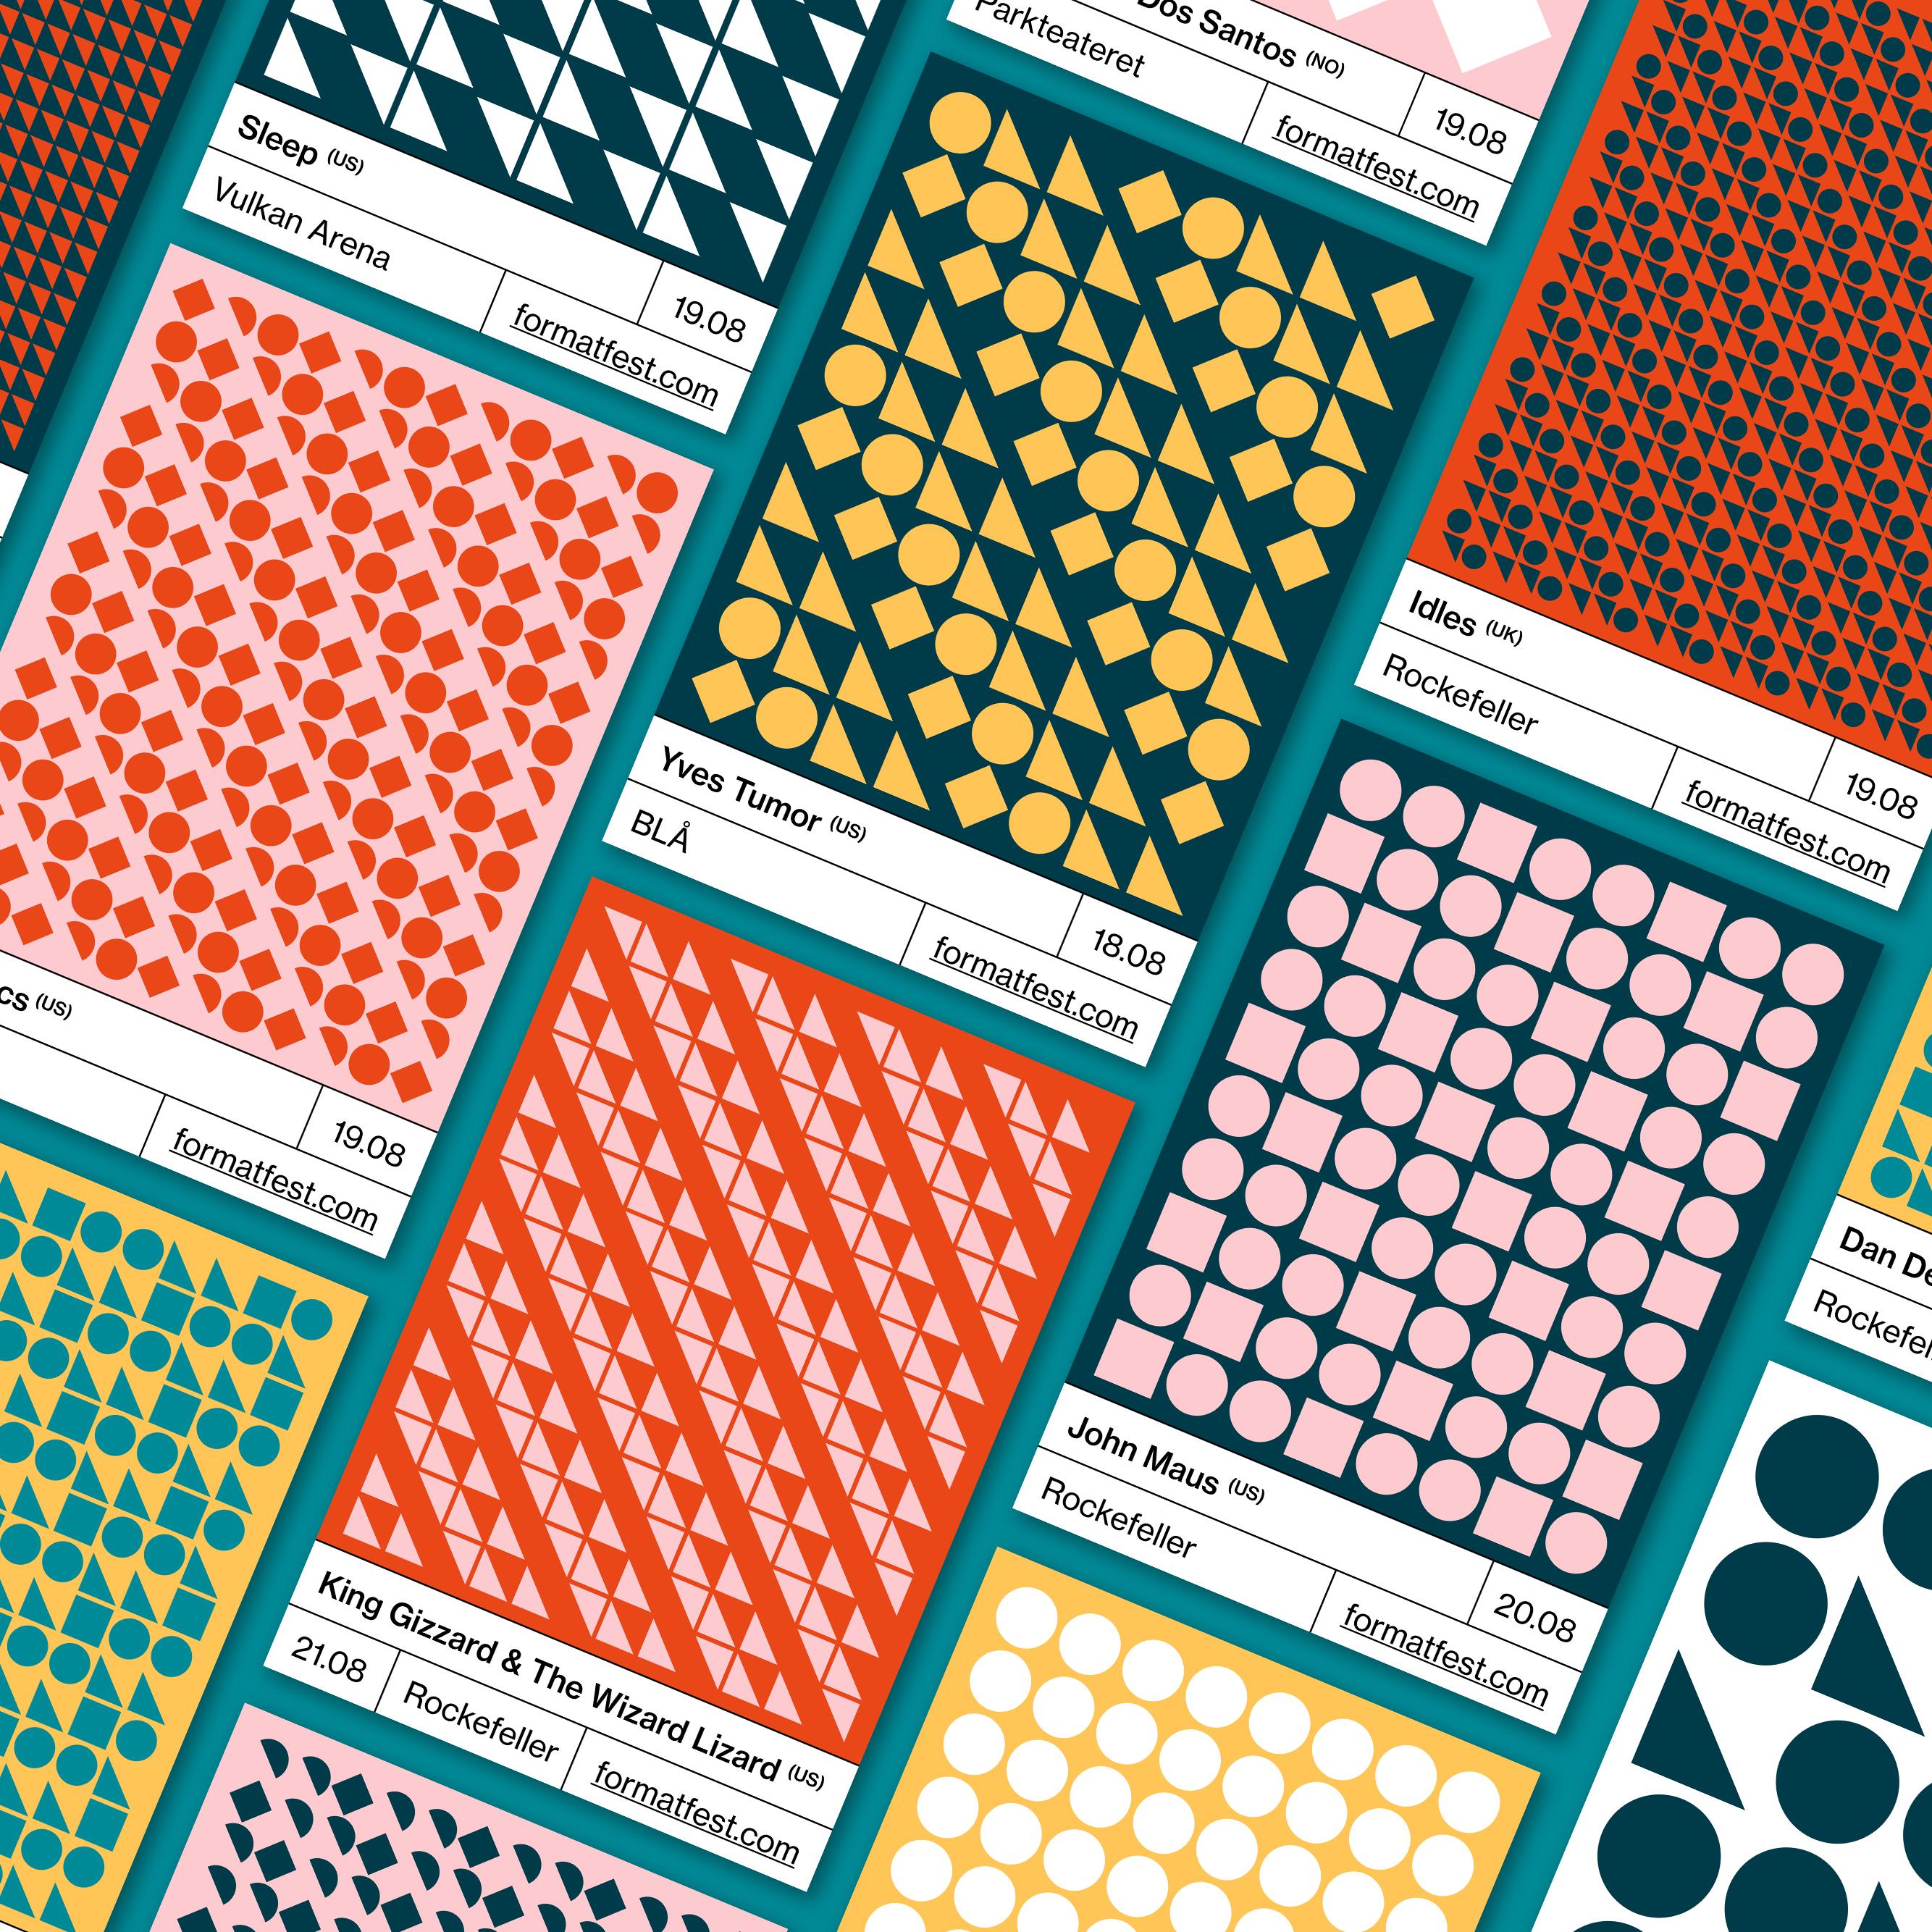 Westerdals Institutt for Kommunikasjon og Design - Festivalidentitet for Format